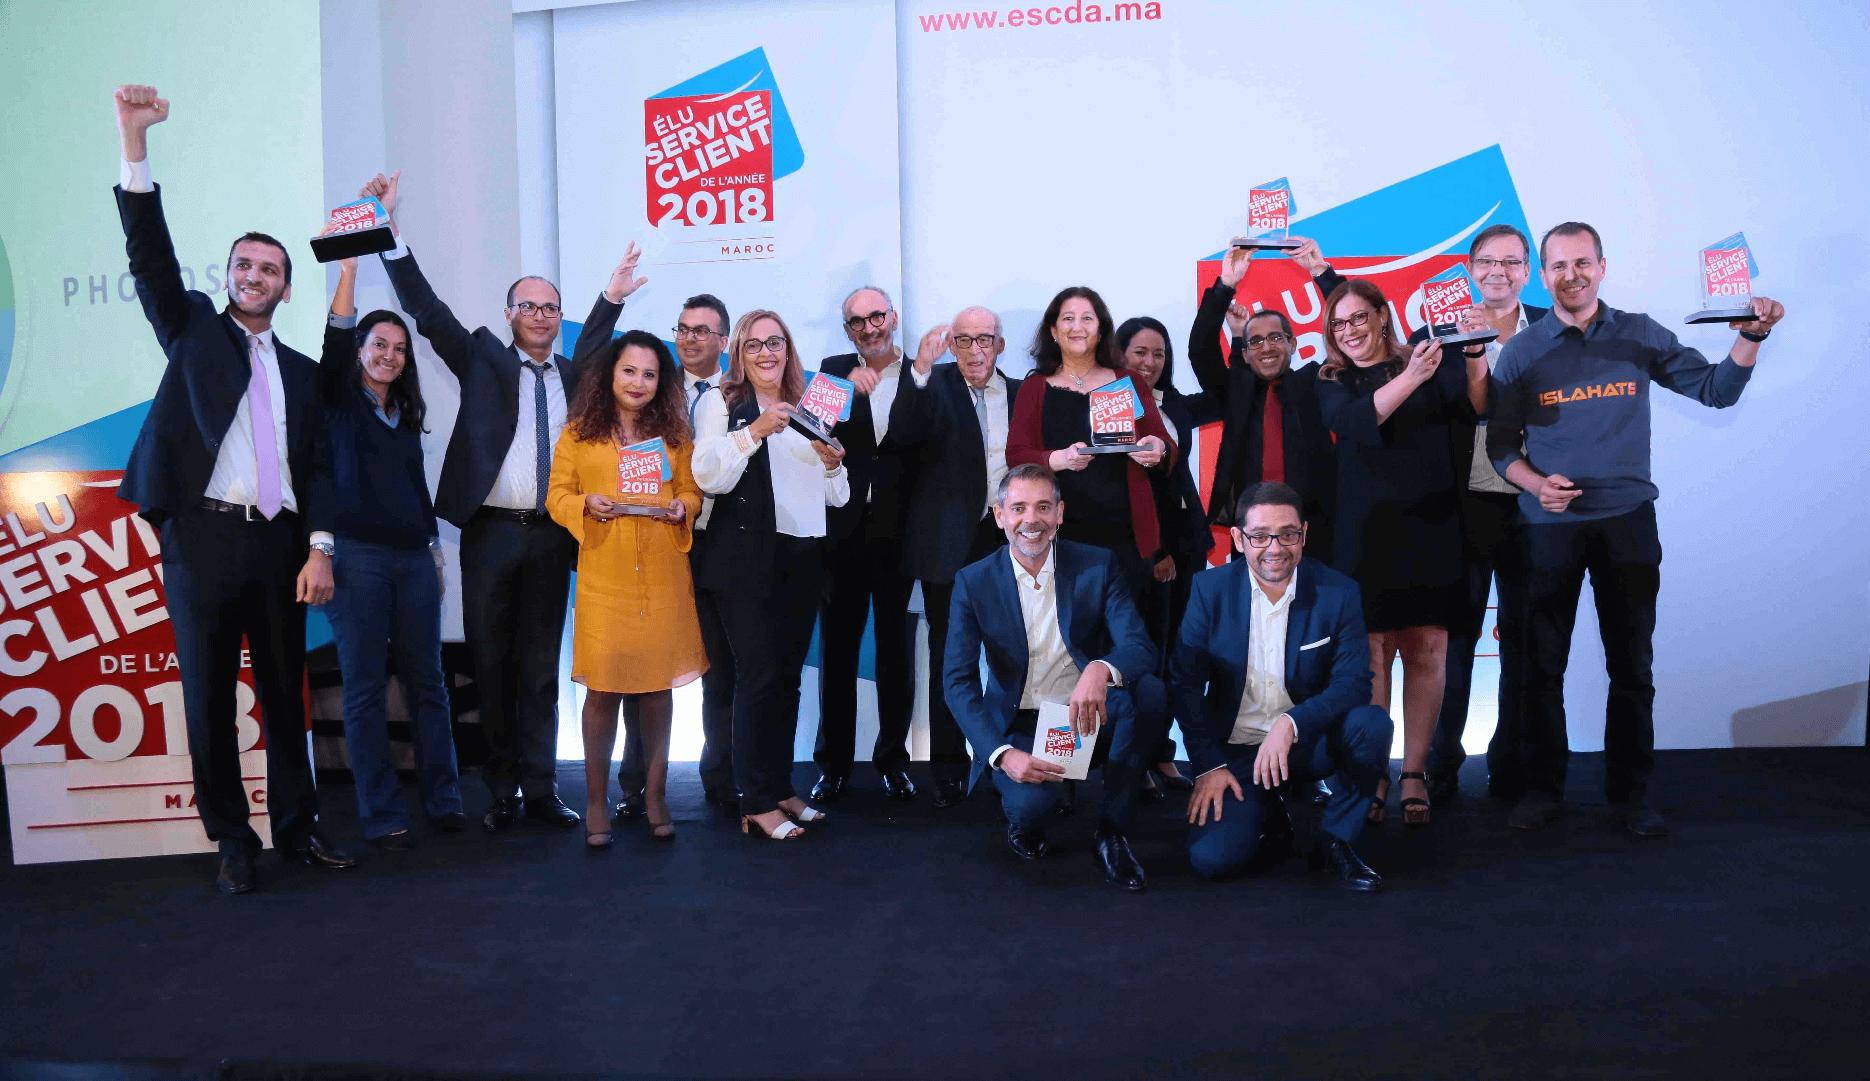 Élu Service Client de l'Année Maroc 2019 : Les inscriptions sont ouvertes